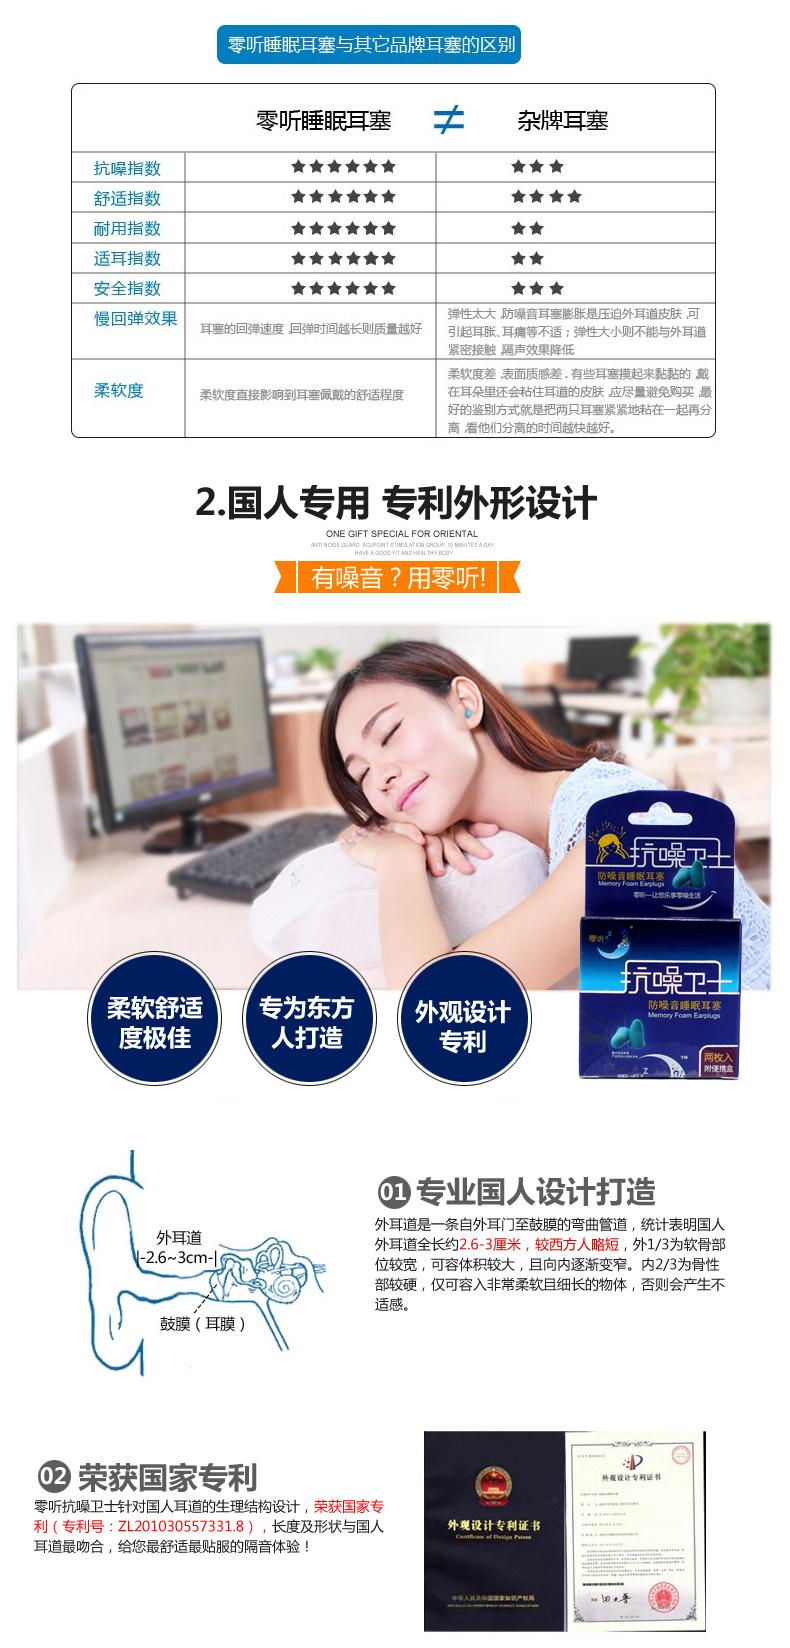 防噪音睡眠耳塞推荐_居家耳塞大全主营 商品评价